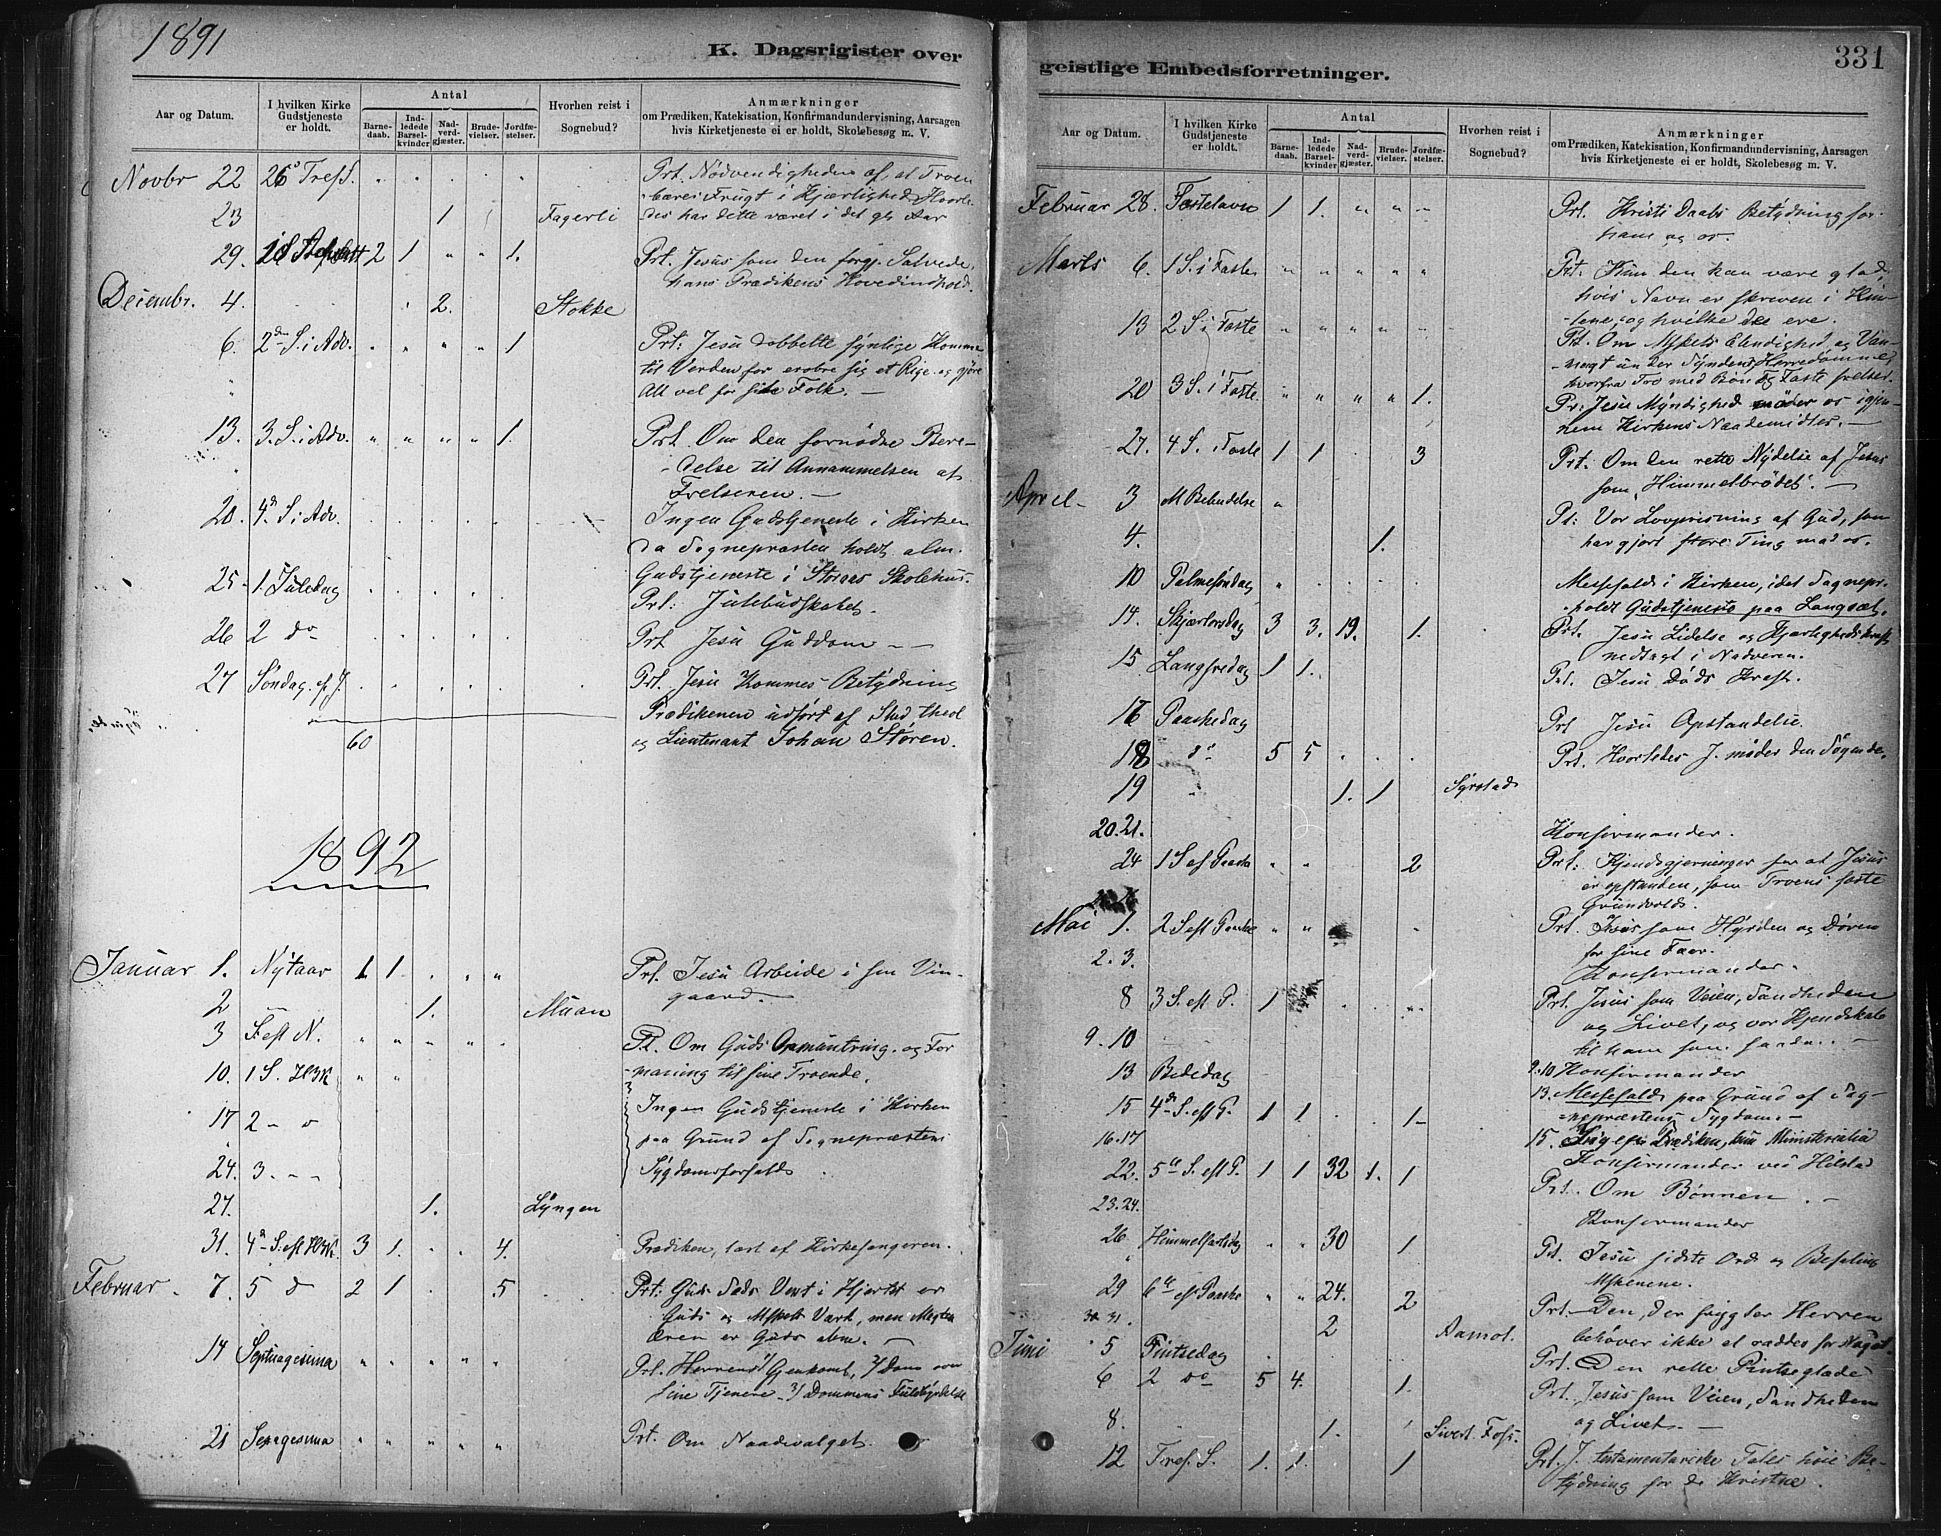 SAT, Ministerialprotokoller, klokkerbøker og fødselsregistre - Sør-Trøndelag, 672/L0857: Ministerialbok nr. 672A09, 1882-1893, s. 331